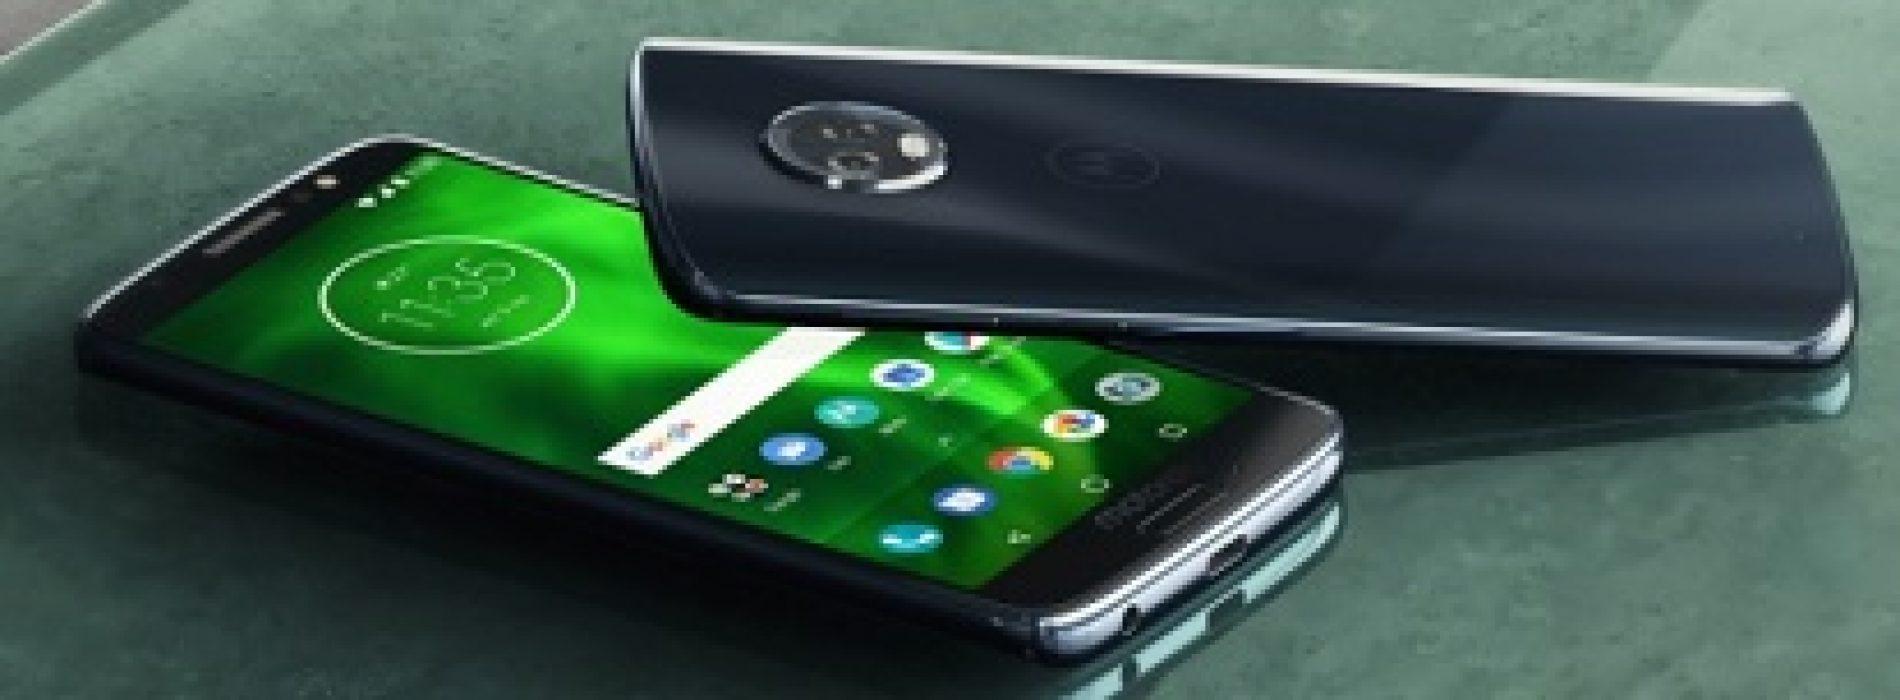 Nuevo Moto G6, diseño innovador, pantalla Max Vision e increíbles Moto Experiencias